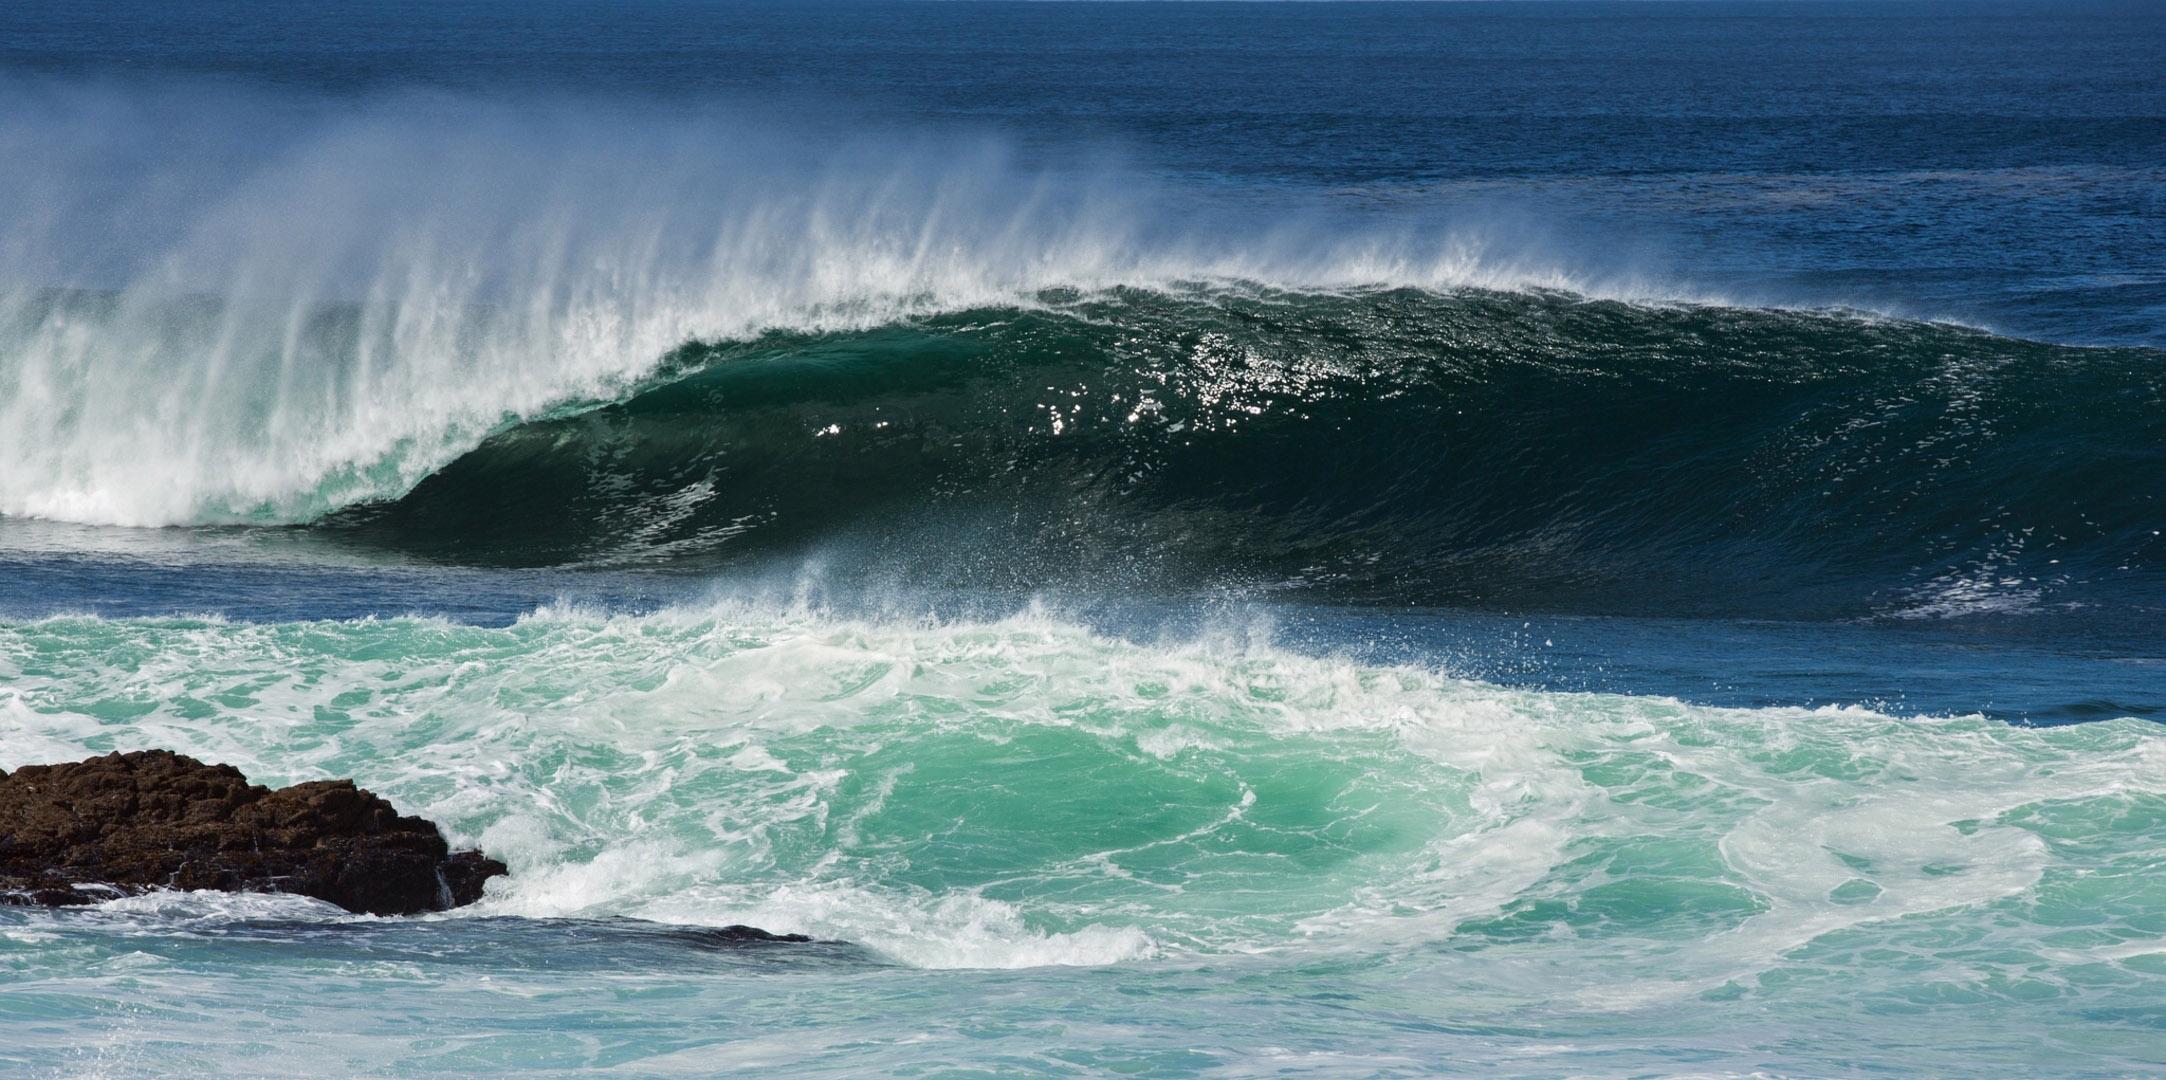 Атлантический океан красивые обои и картинки - подборка 2018 7